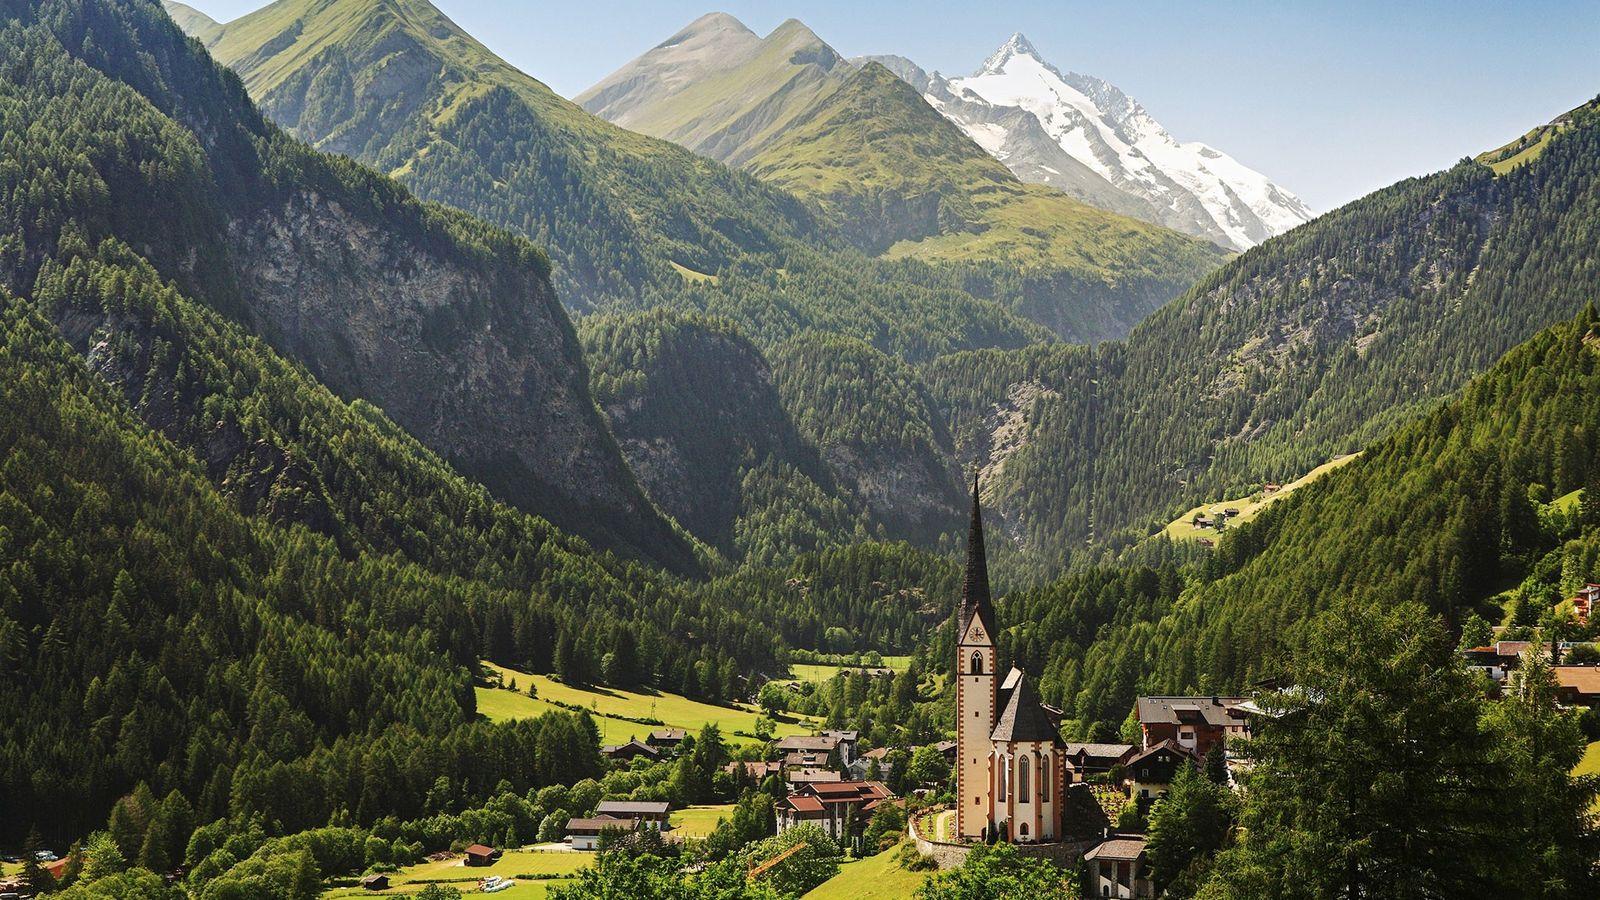 Der erste Abschnitt des Alpe Adria Trails führt Wanderer vorbei an Heiligenblut, einer bekannten Pilgerkirche.